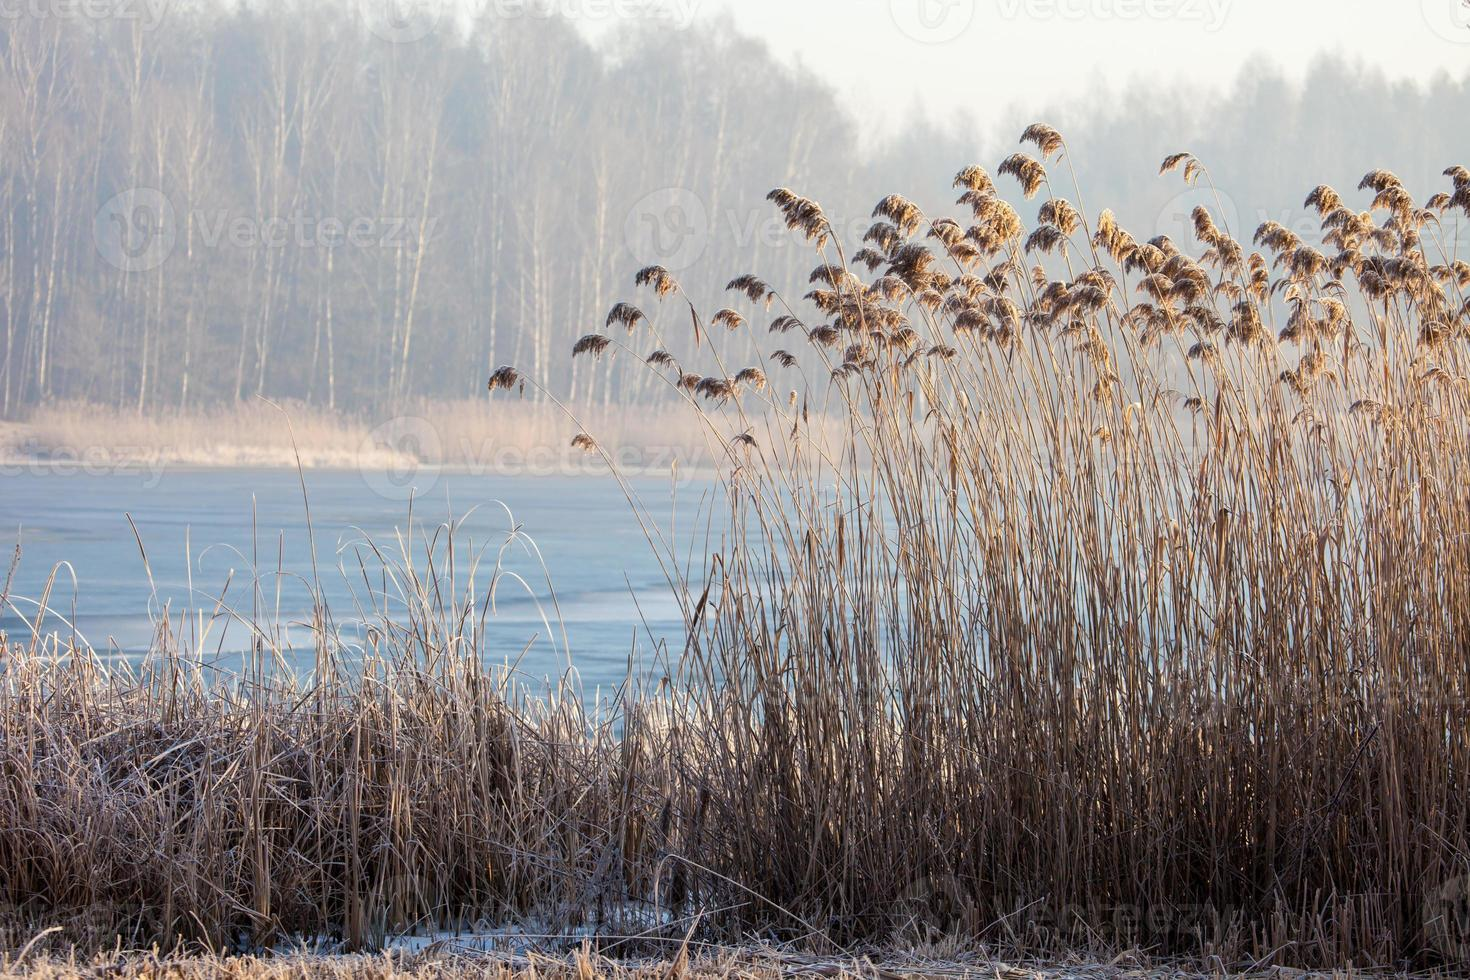 Lake Pogoria. Winter time landscape in Poland photo